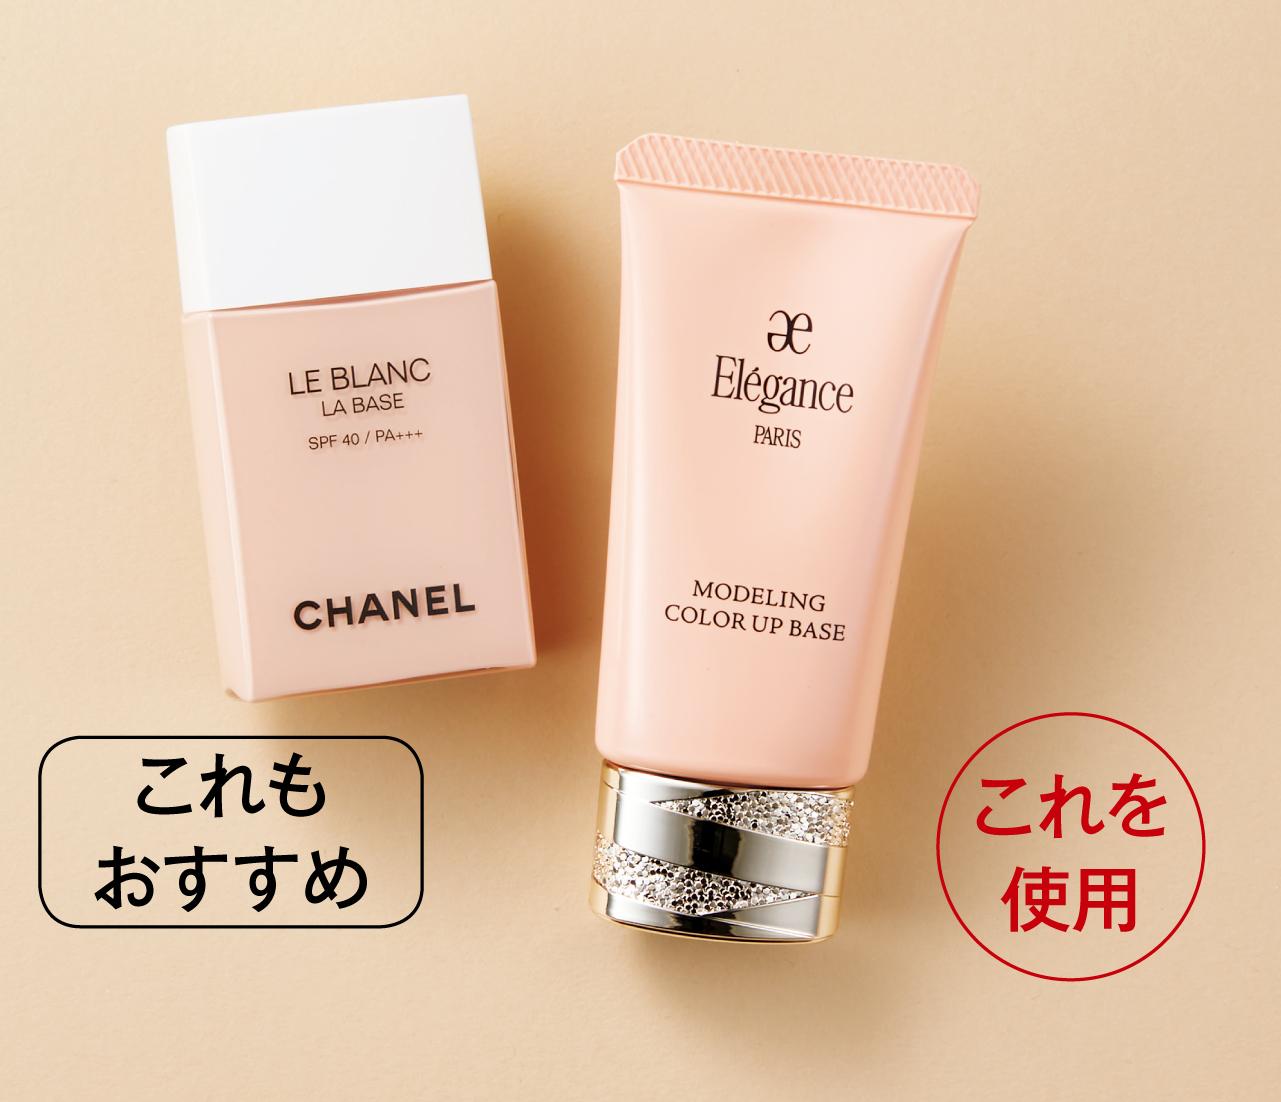 (右)エレガンス モデリング カラーアップ ベース OR200 30g ¥4,950/エレガンス コスメティックス (左)ル ブラン ラ バーズ ペッシュ 30㎖ ¥6,600/シャネル